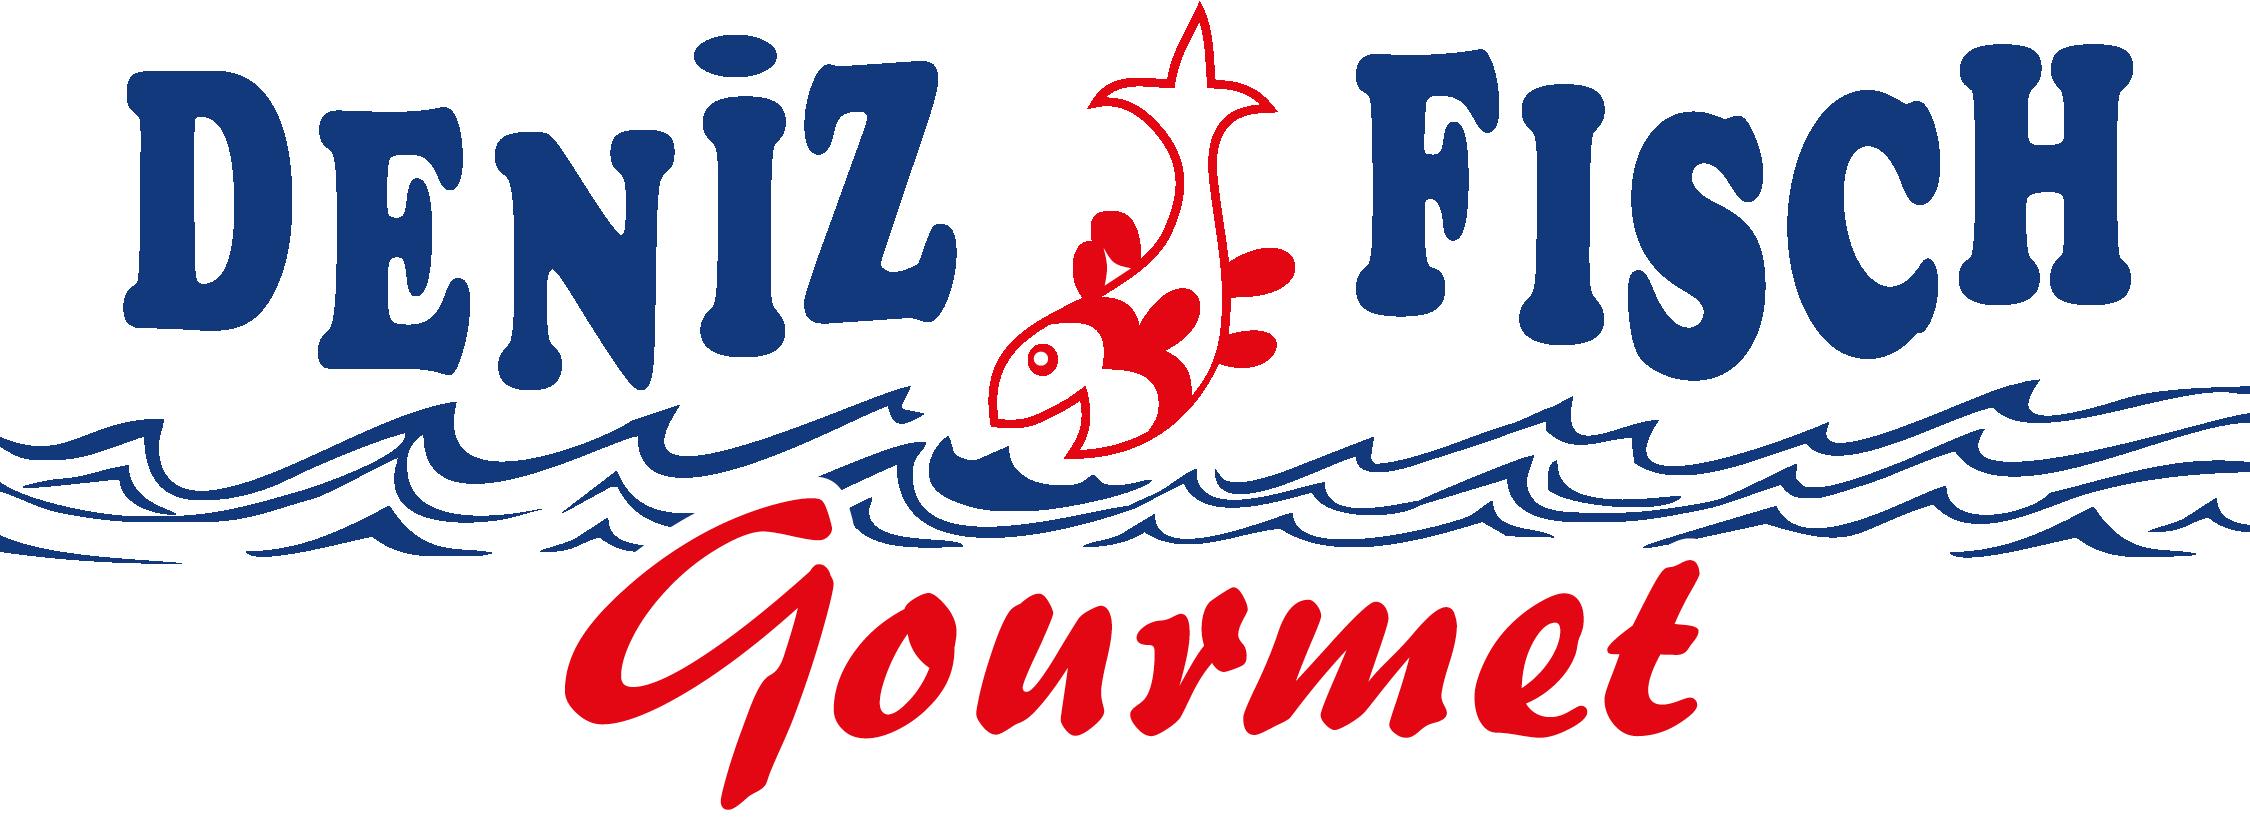 Deniz Fisch Gourmet